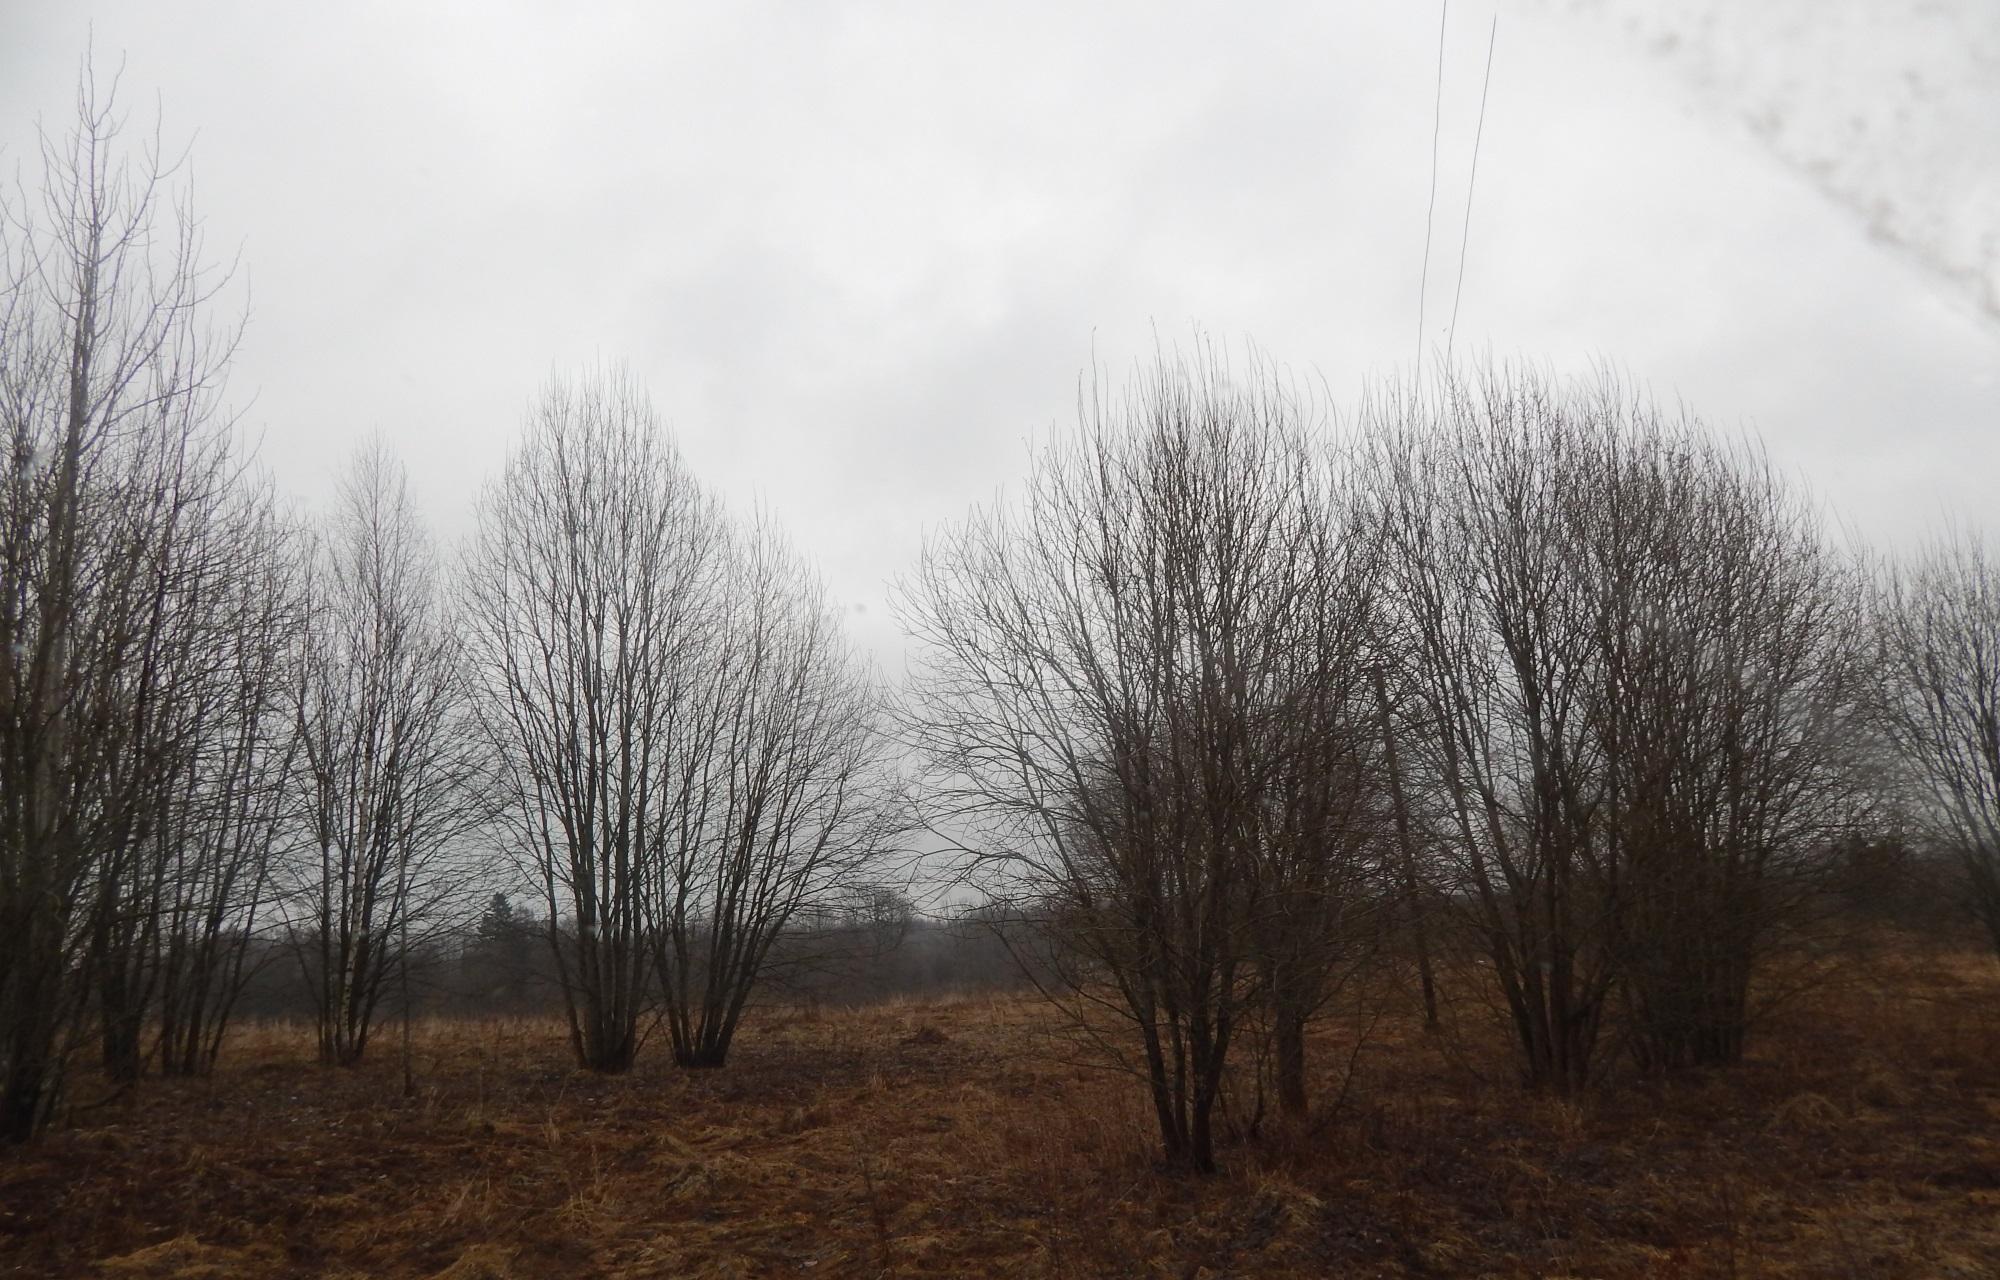 Конаковскому землевладельцу направлено предостережение в связи с зарастанием свыше 100 гектаров сельхозугодий - новости Афанасий